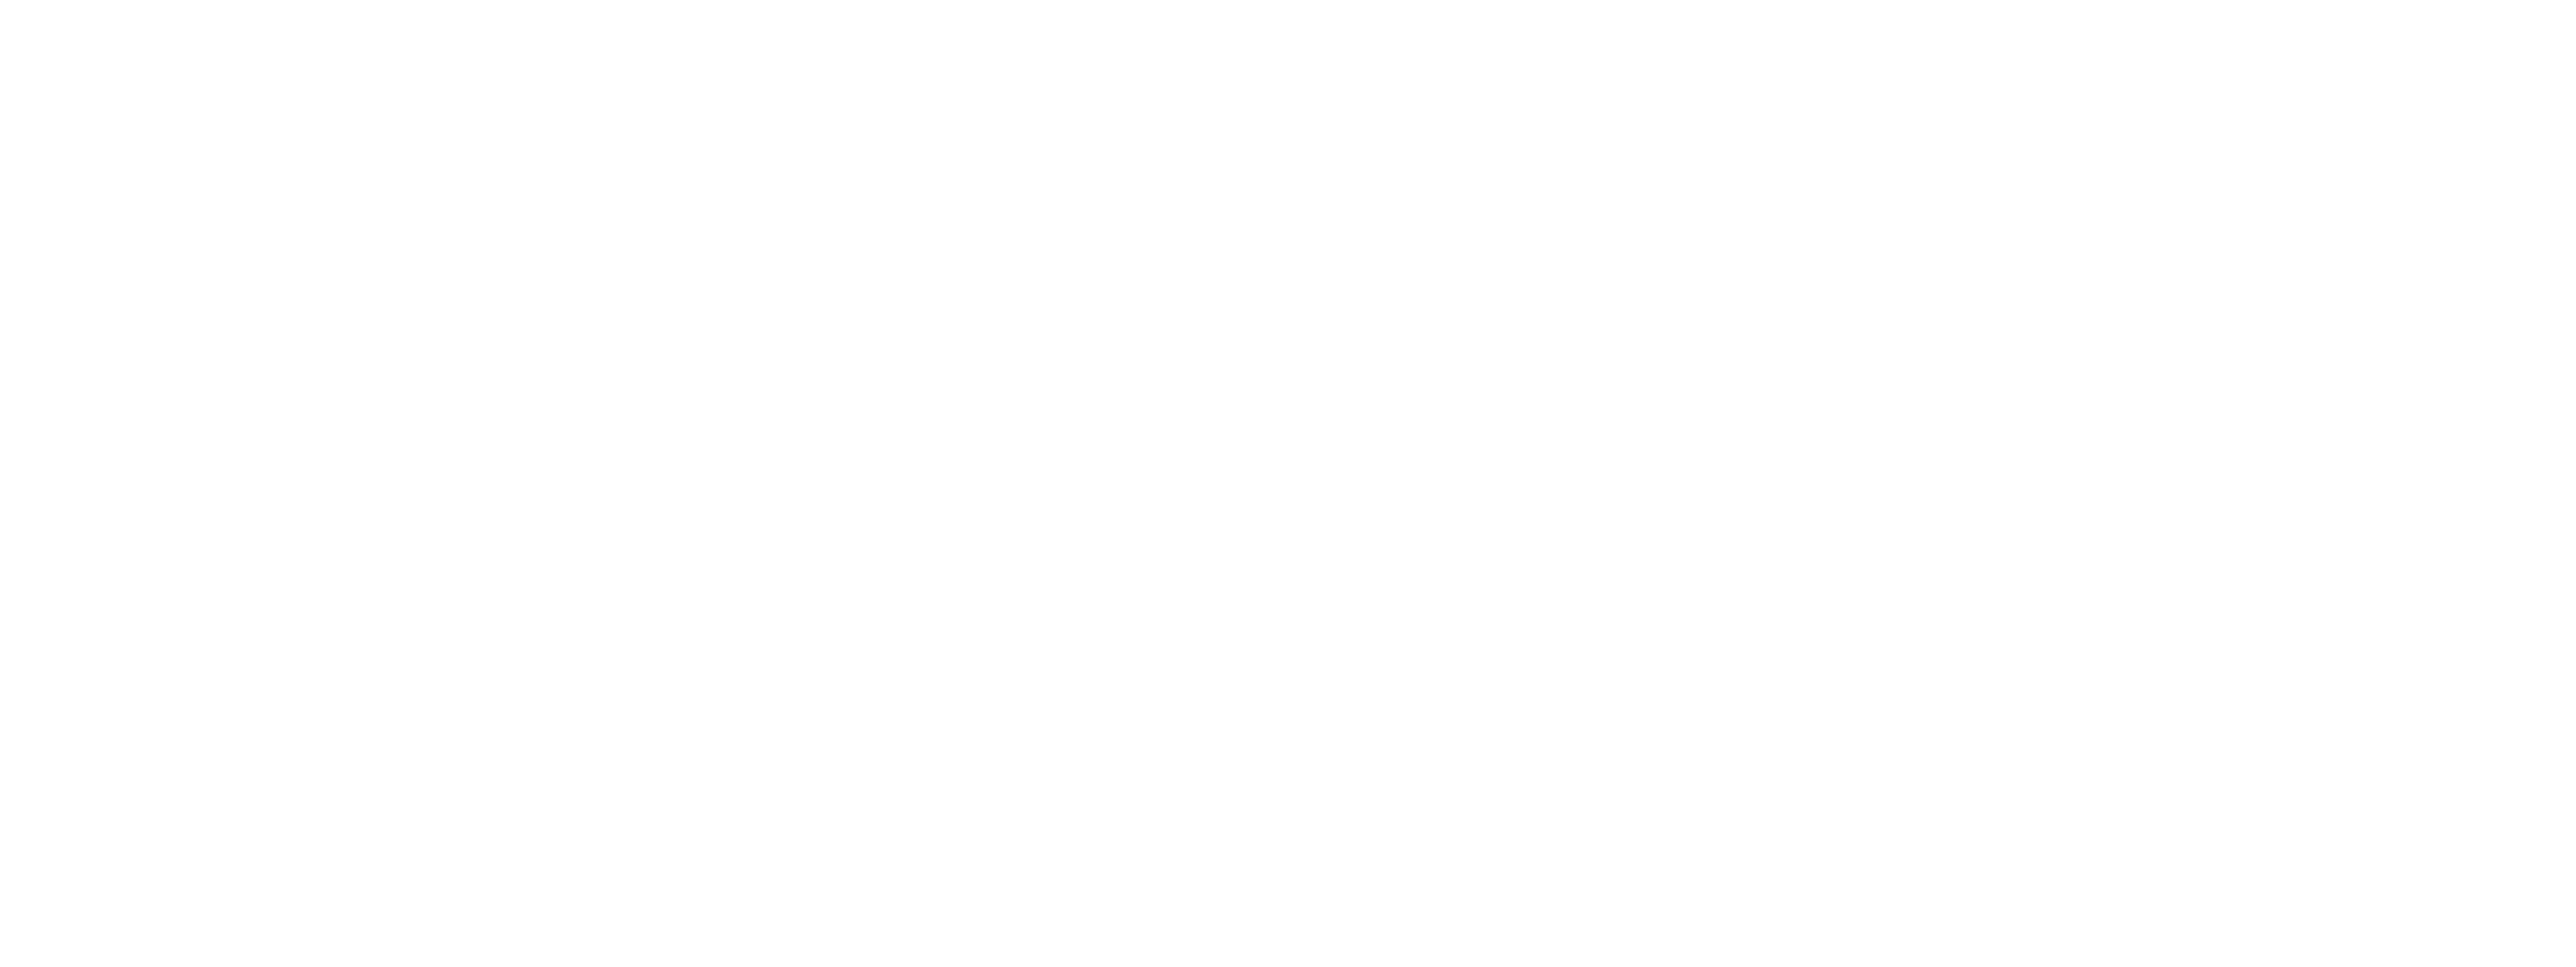 Vestmar Nett AS